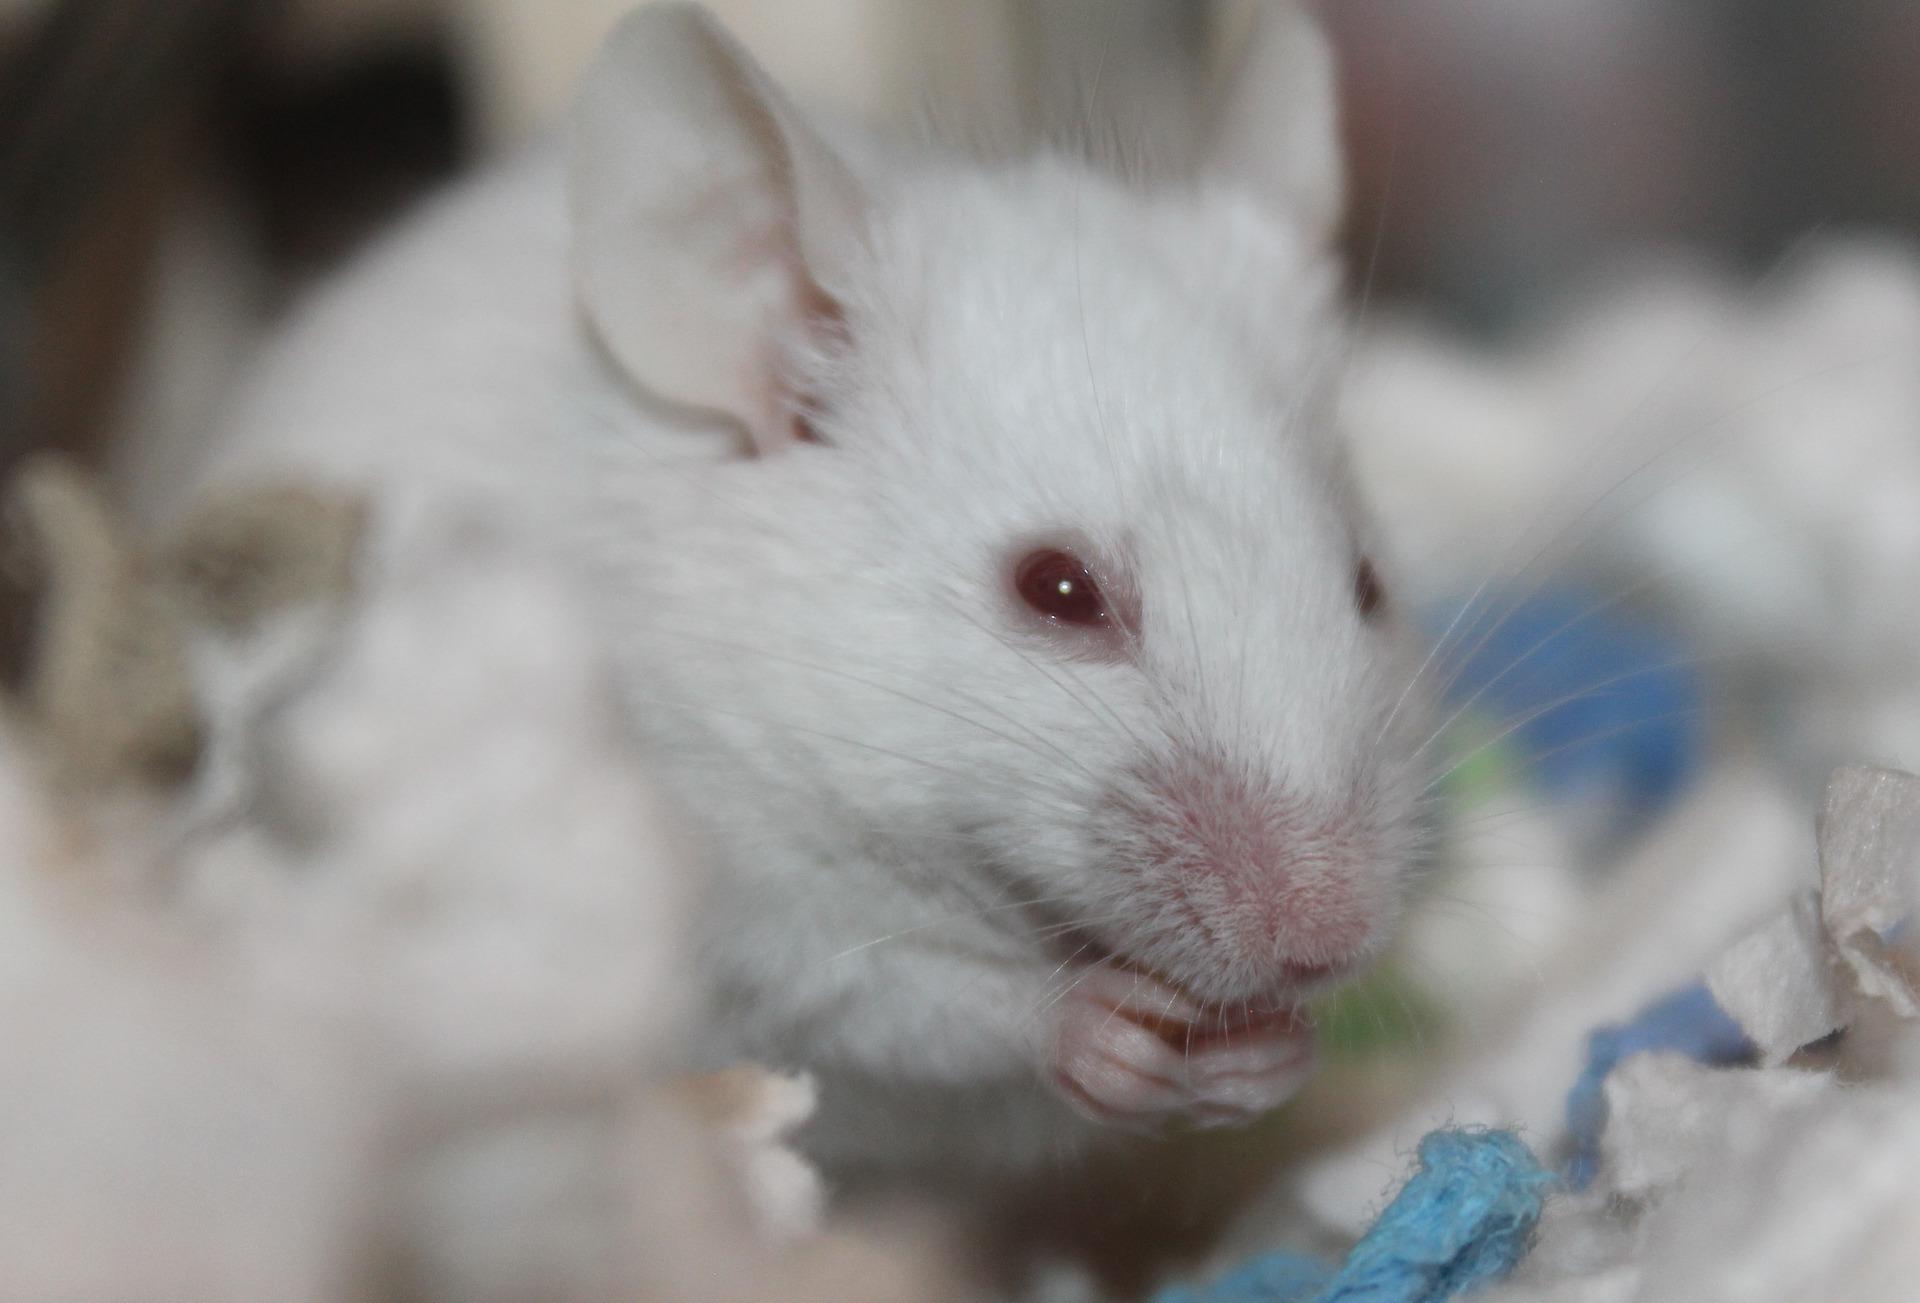 Очищение от старых клеток продлевает жизнь - лабораторная мышь